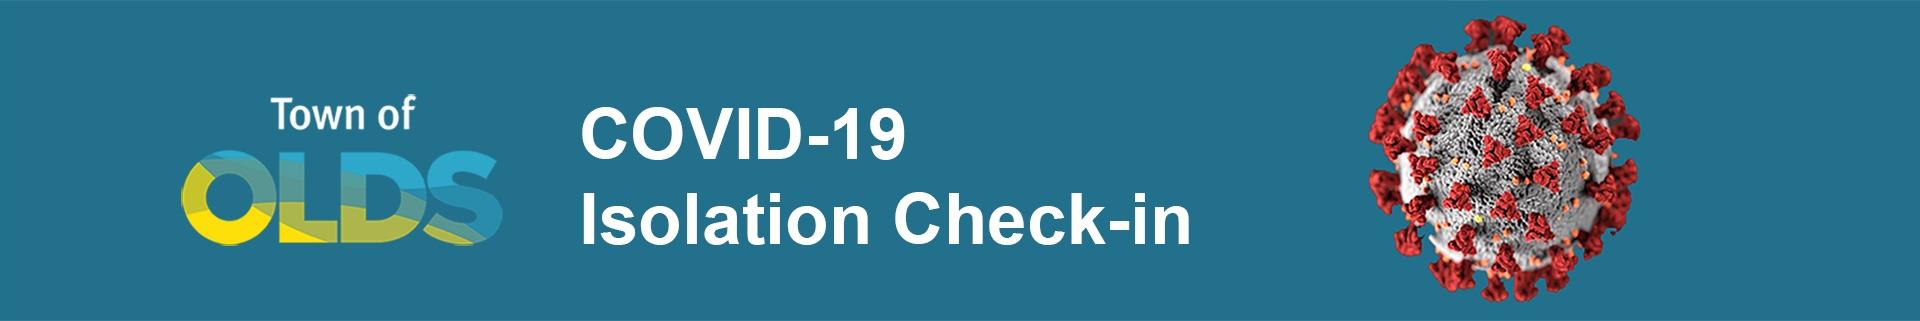 covid-19 quarantine checkin service